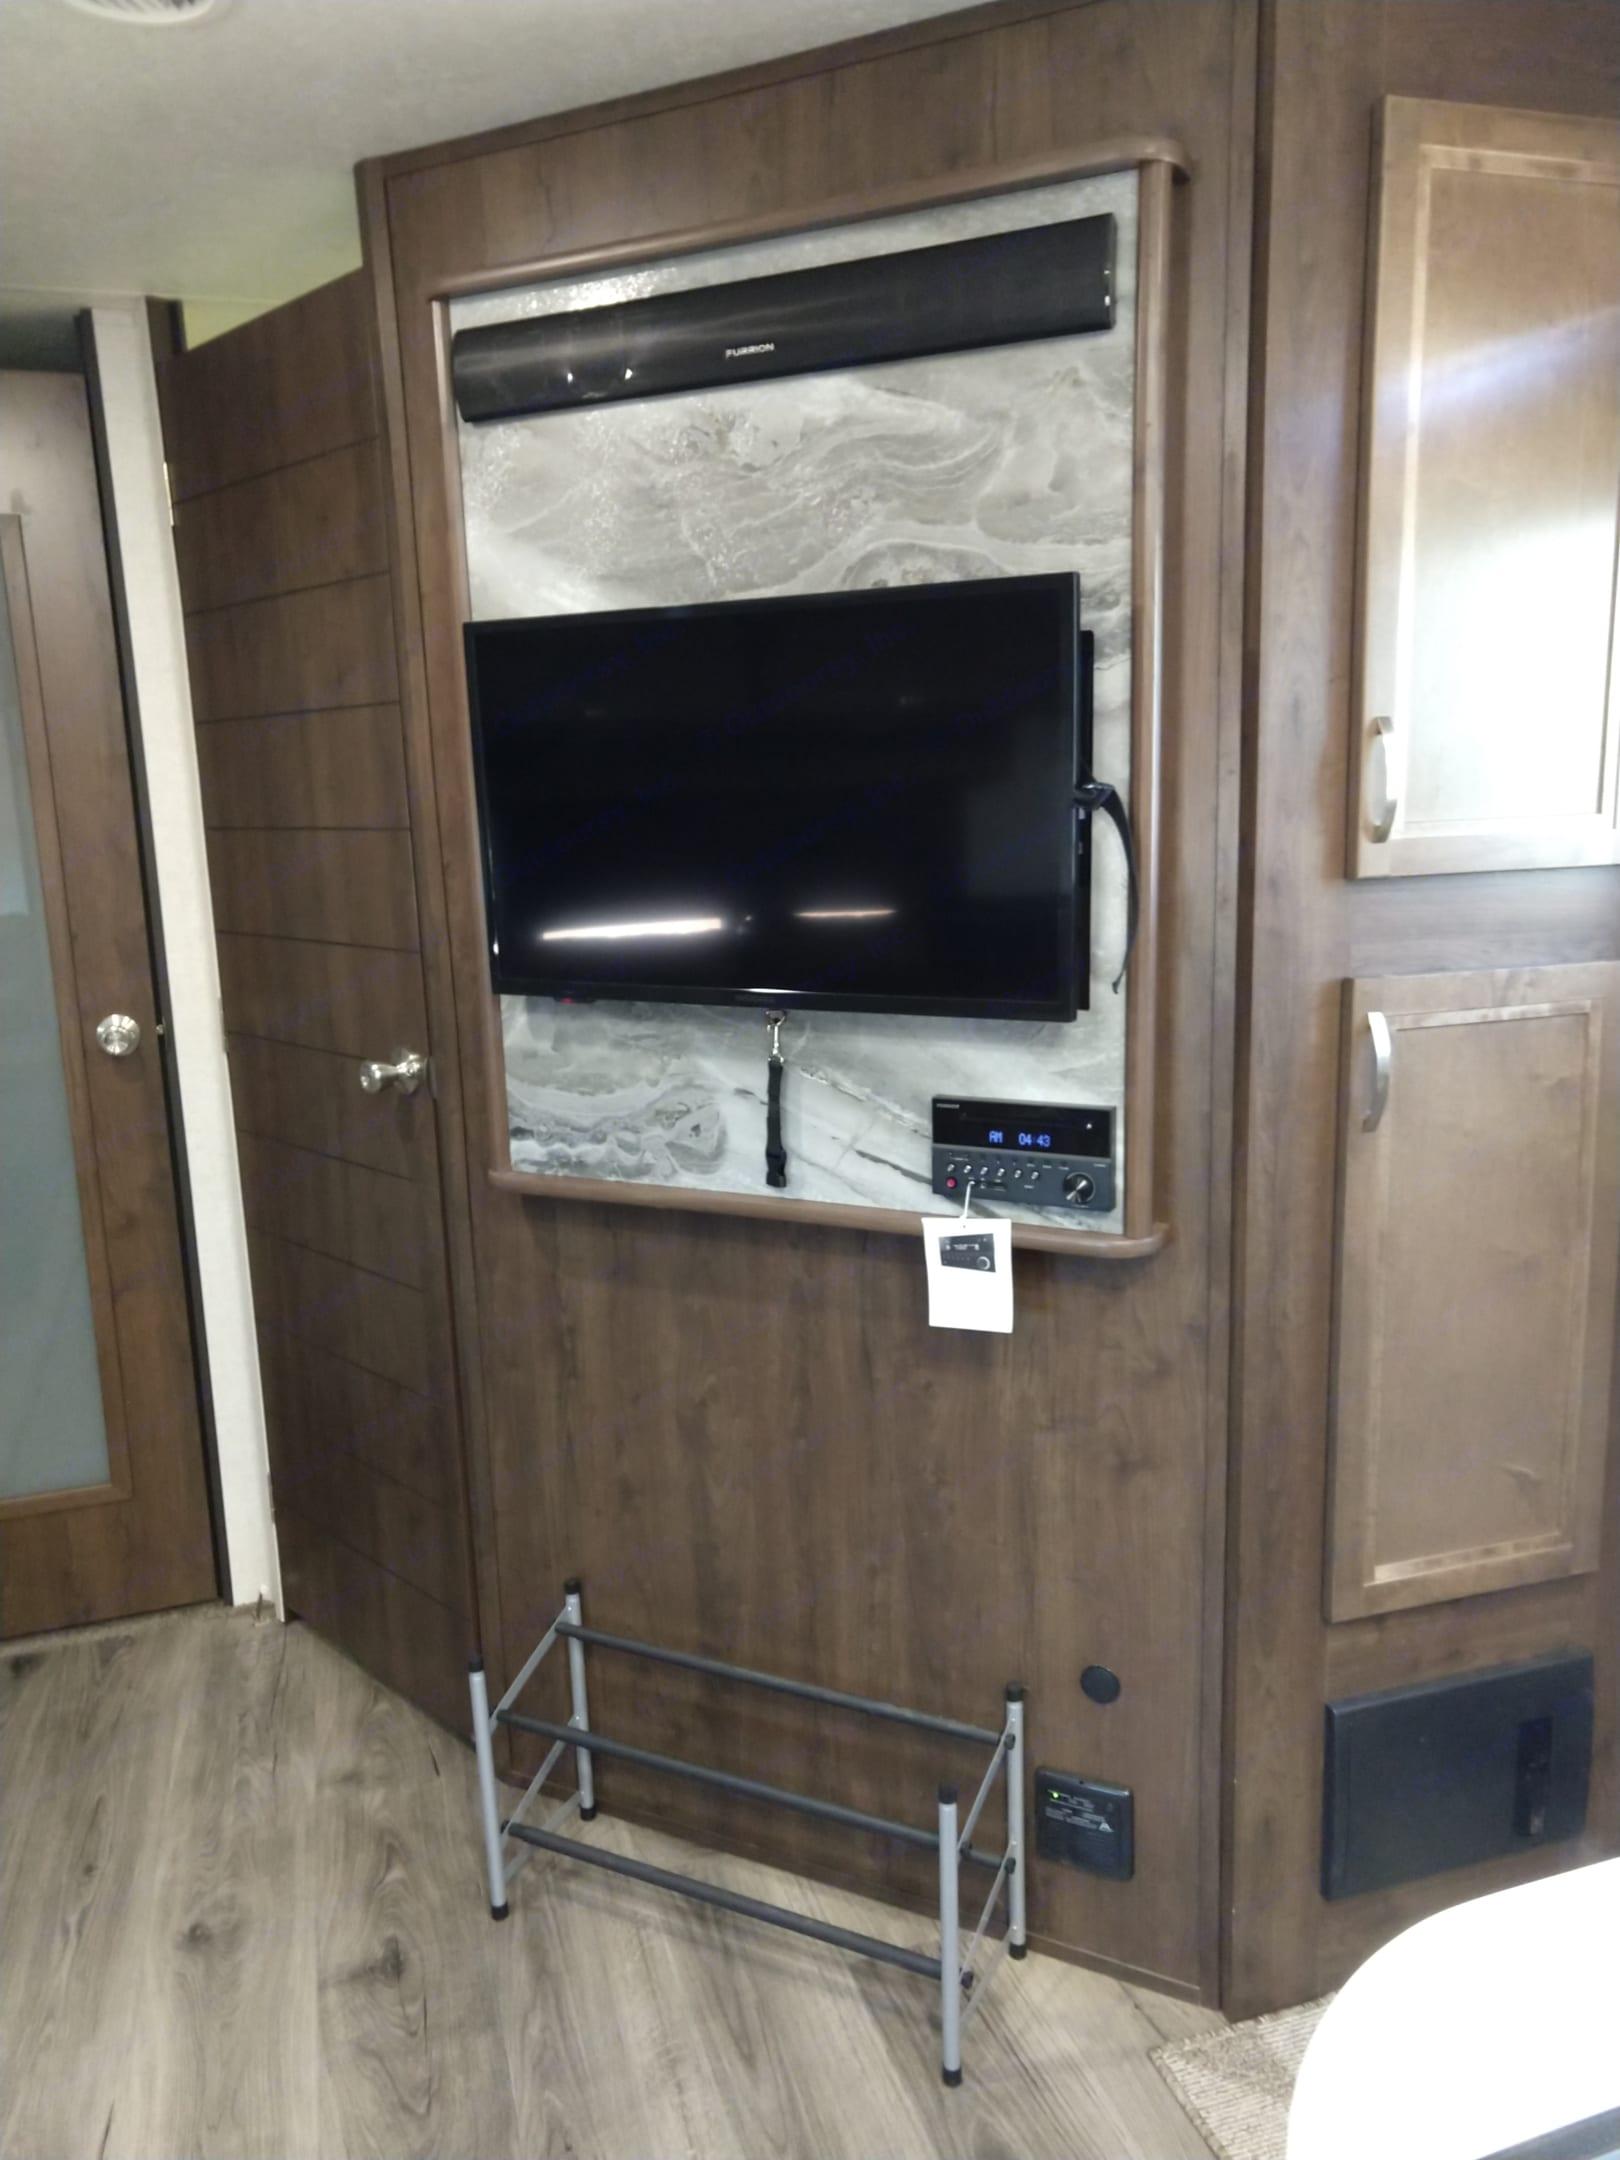 TV in living room. Open Range Open Range 2019